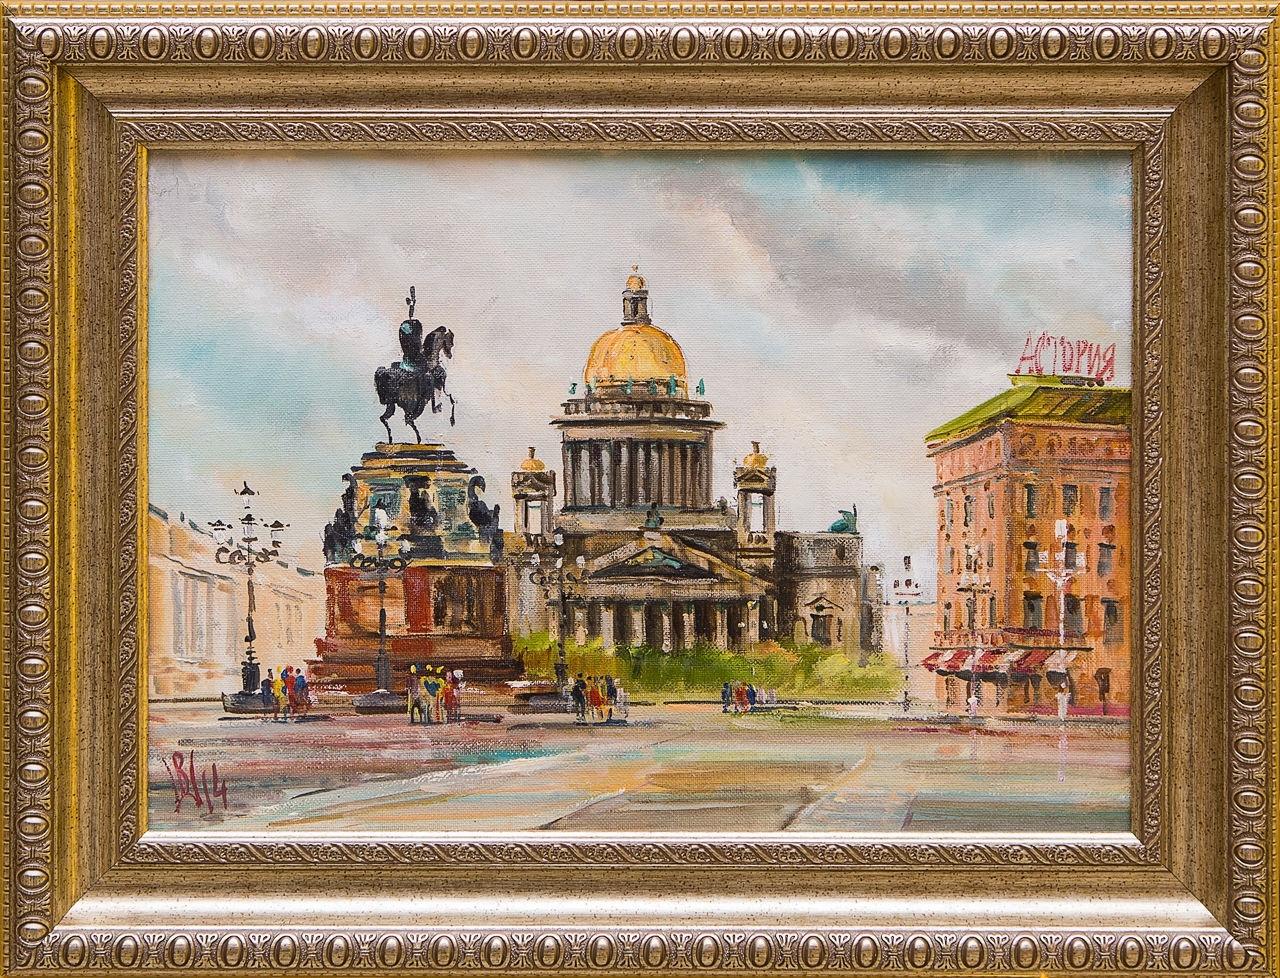 Картина маслом Исаакиевский собор Шеренкова картина маслом город шеренкова